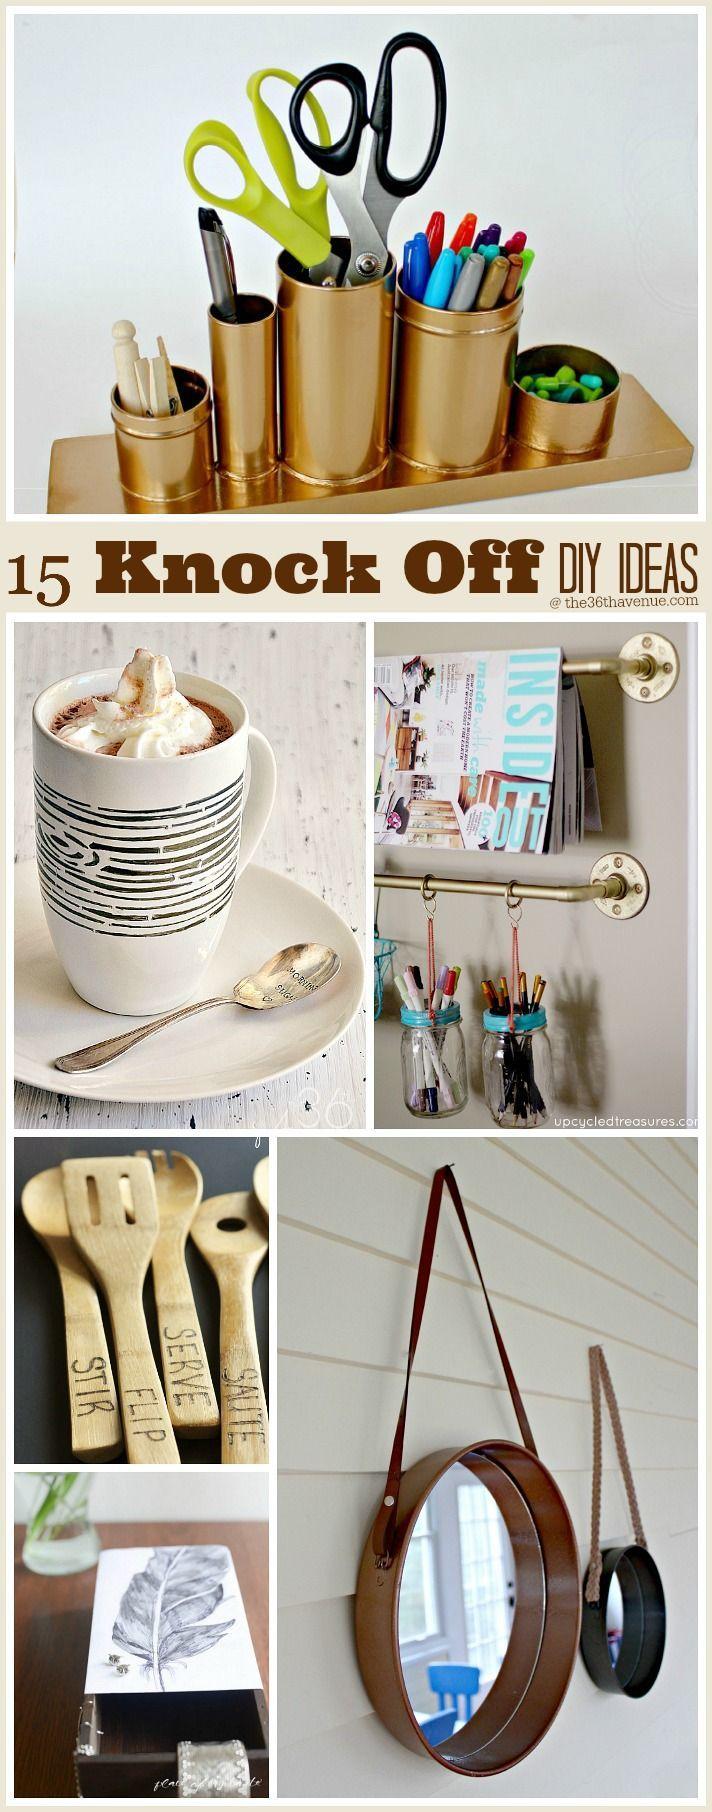 15 diy projects knock off edition kreativ basteln diy m bel und diy deko. Black Bedroom Furniture Sets. Home Design Ideas